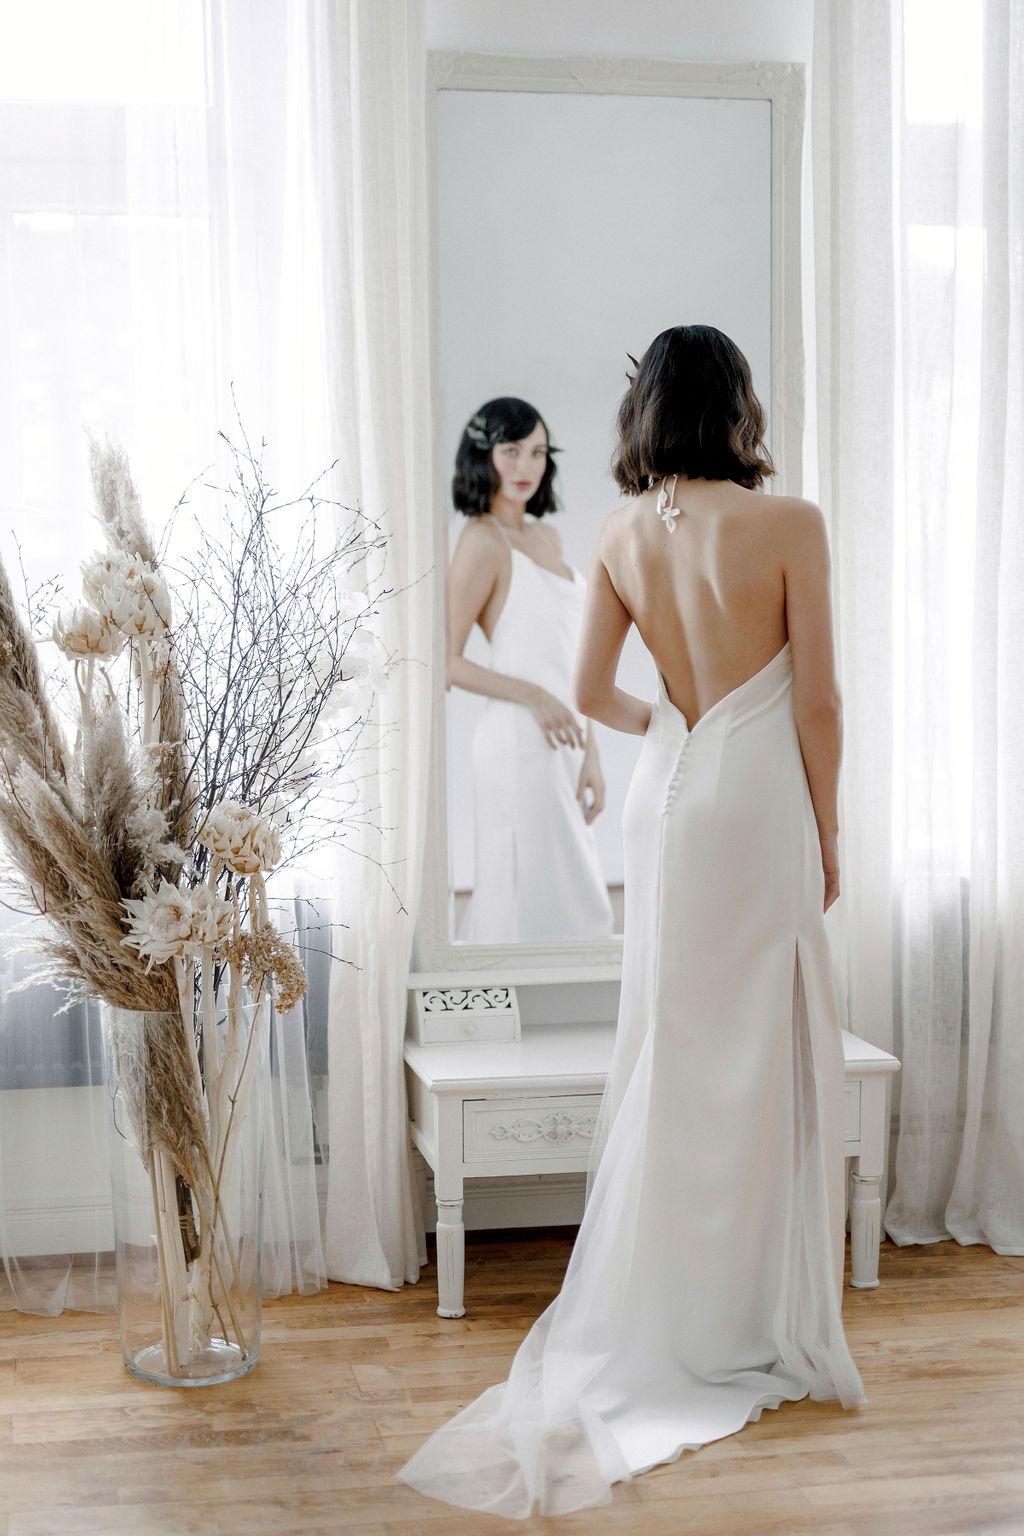 Brautkleid im schlichten Design